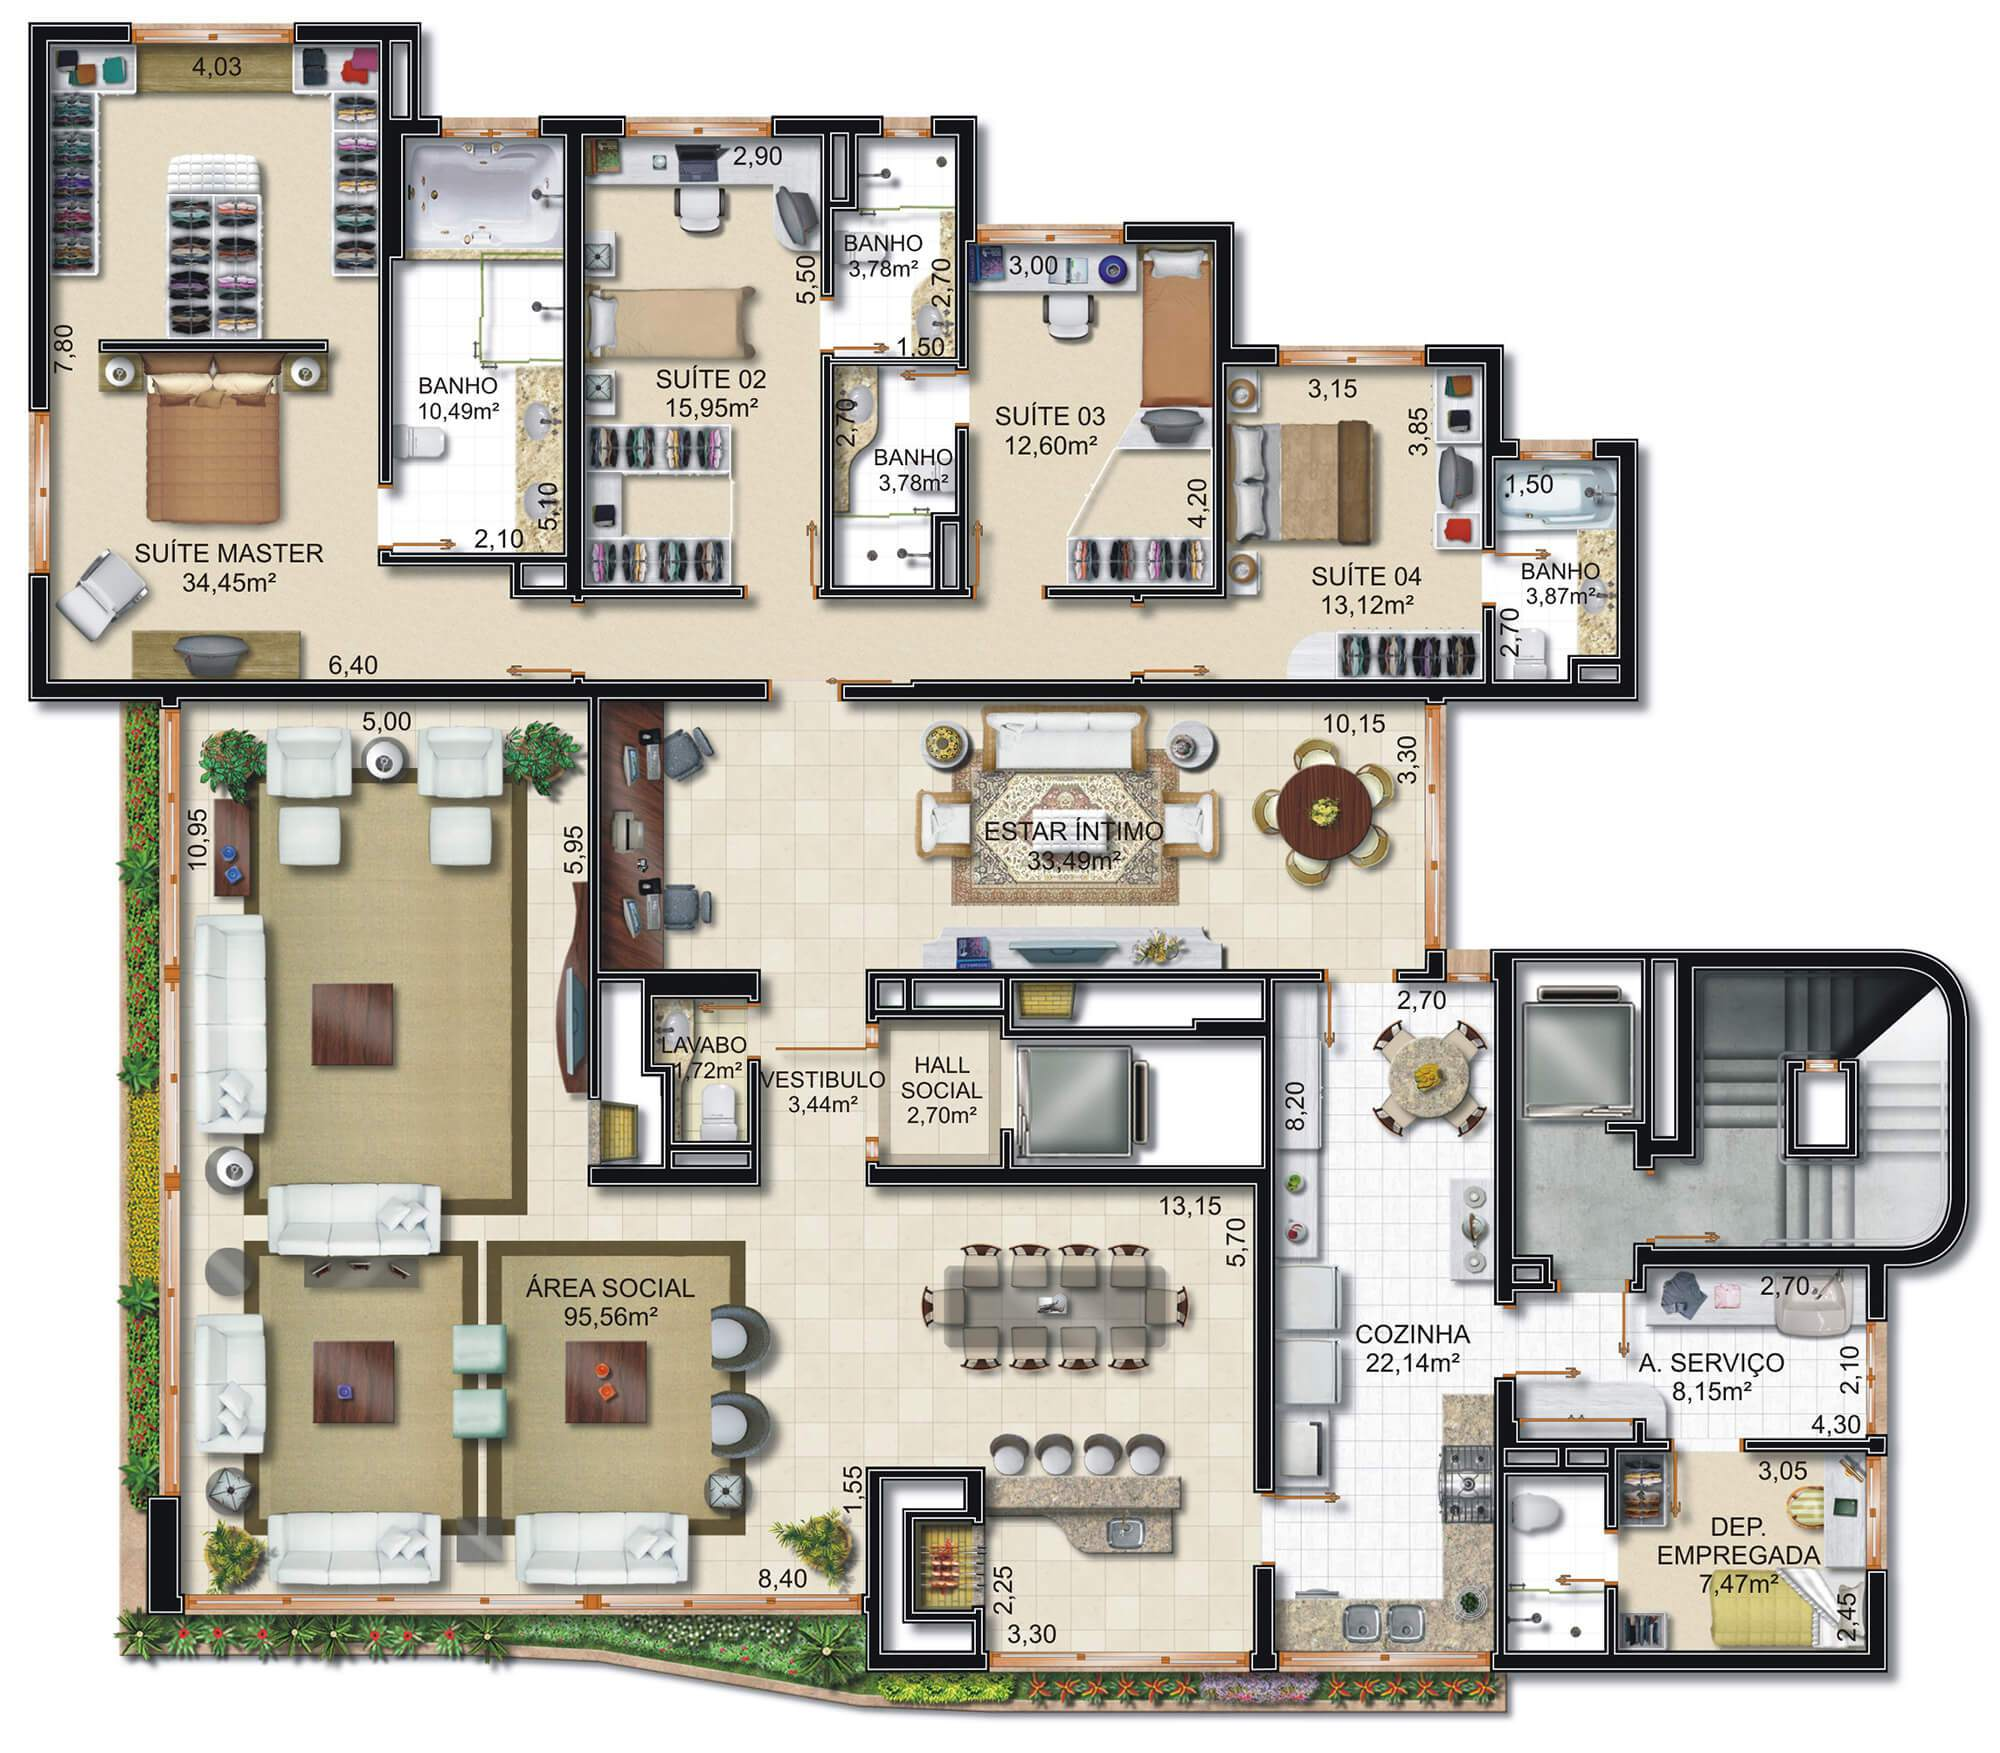 Cadoro planta: Planta Tipo - Apartamentos 640  m²